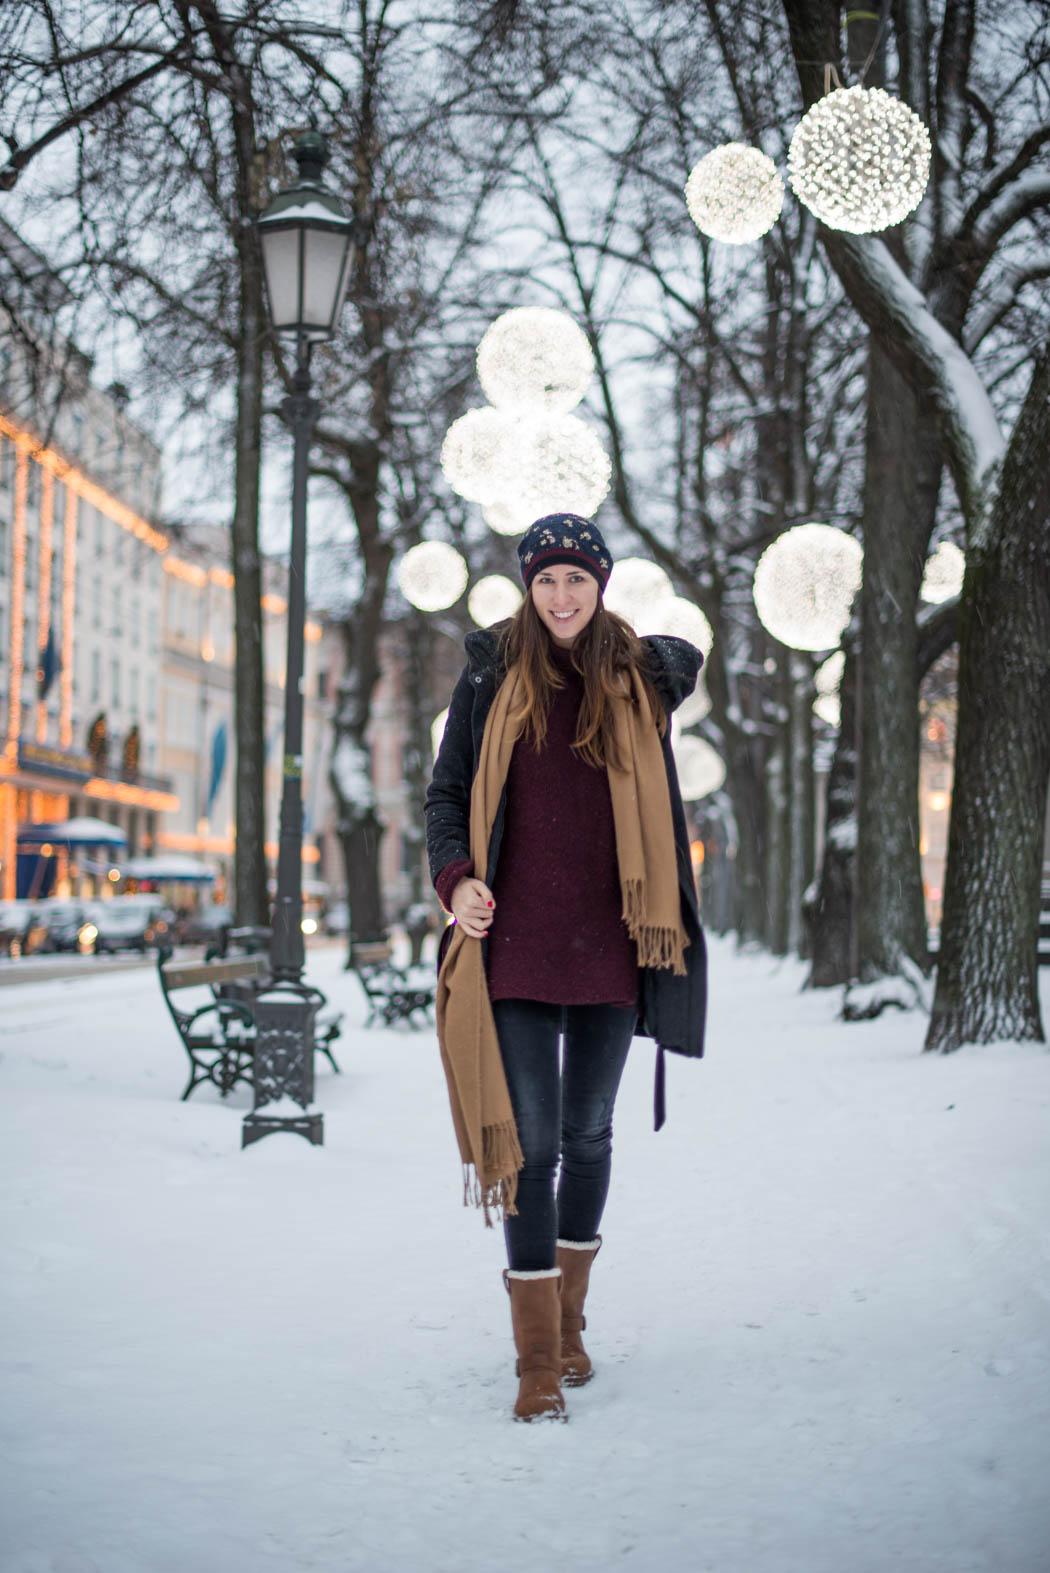 Bayrischer-Hof-Munich-Lindarella-Fashionblogger-Chloe-Marcie-2